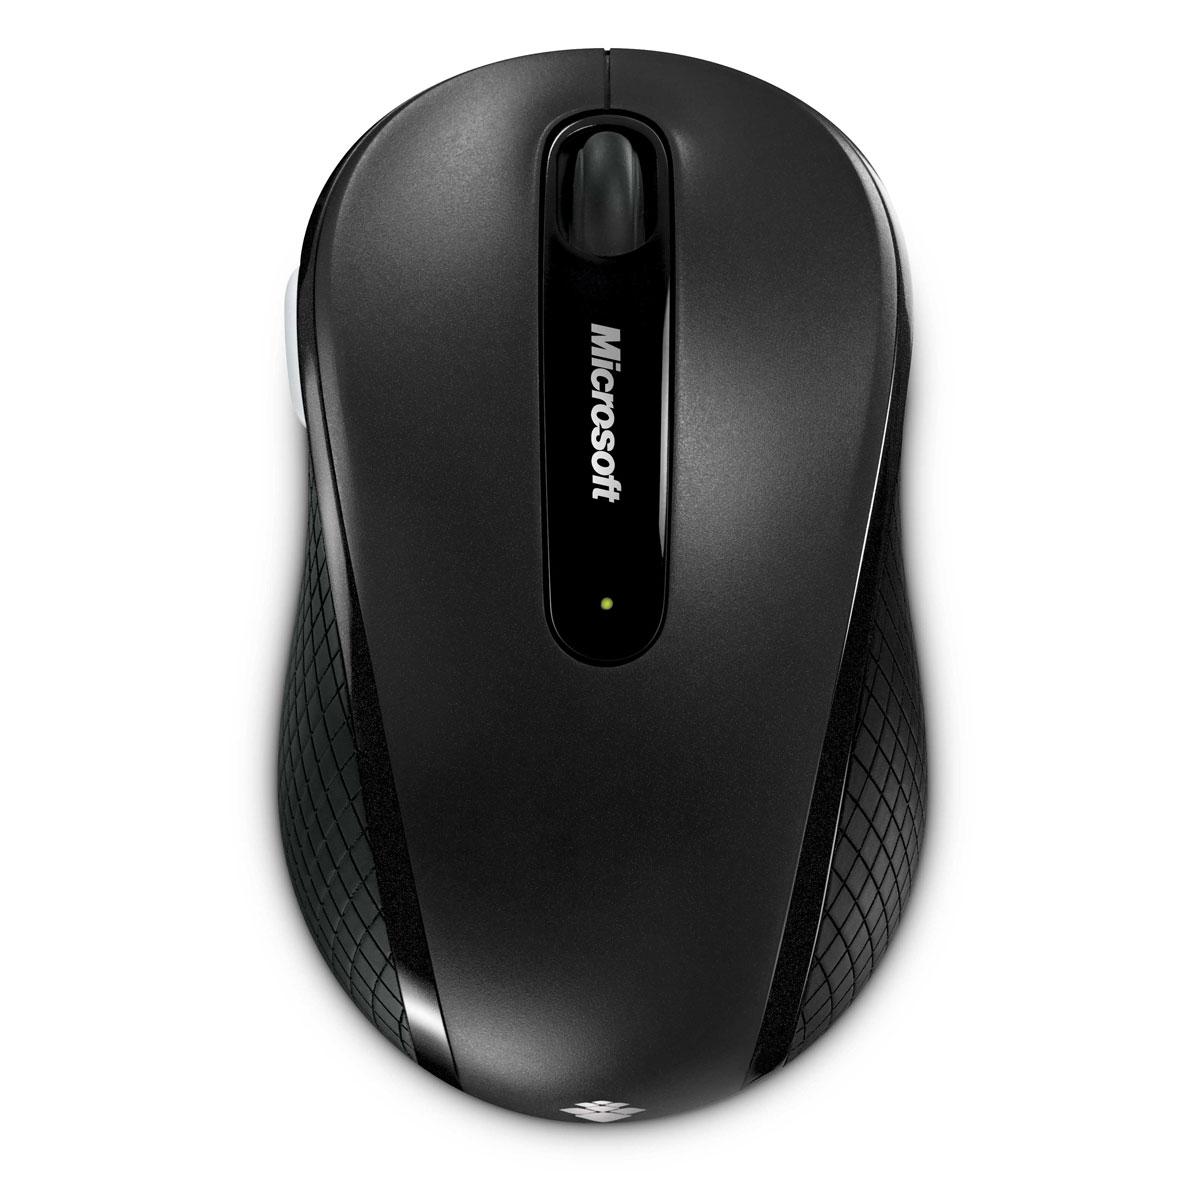 Souris PC Microsoft Wireless Mobile Mouse 4000 Souris sans fil - ambidextre - capteur laser - 4 boutons